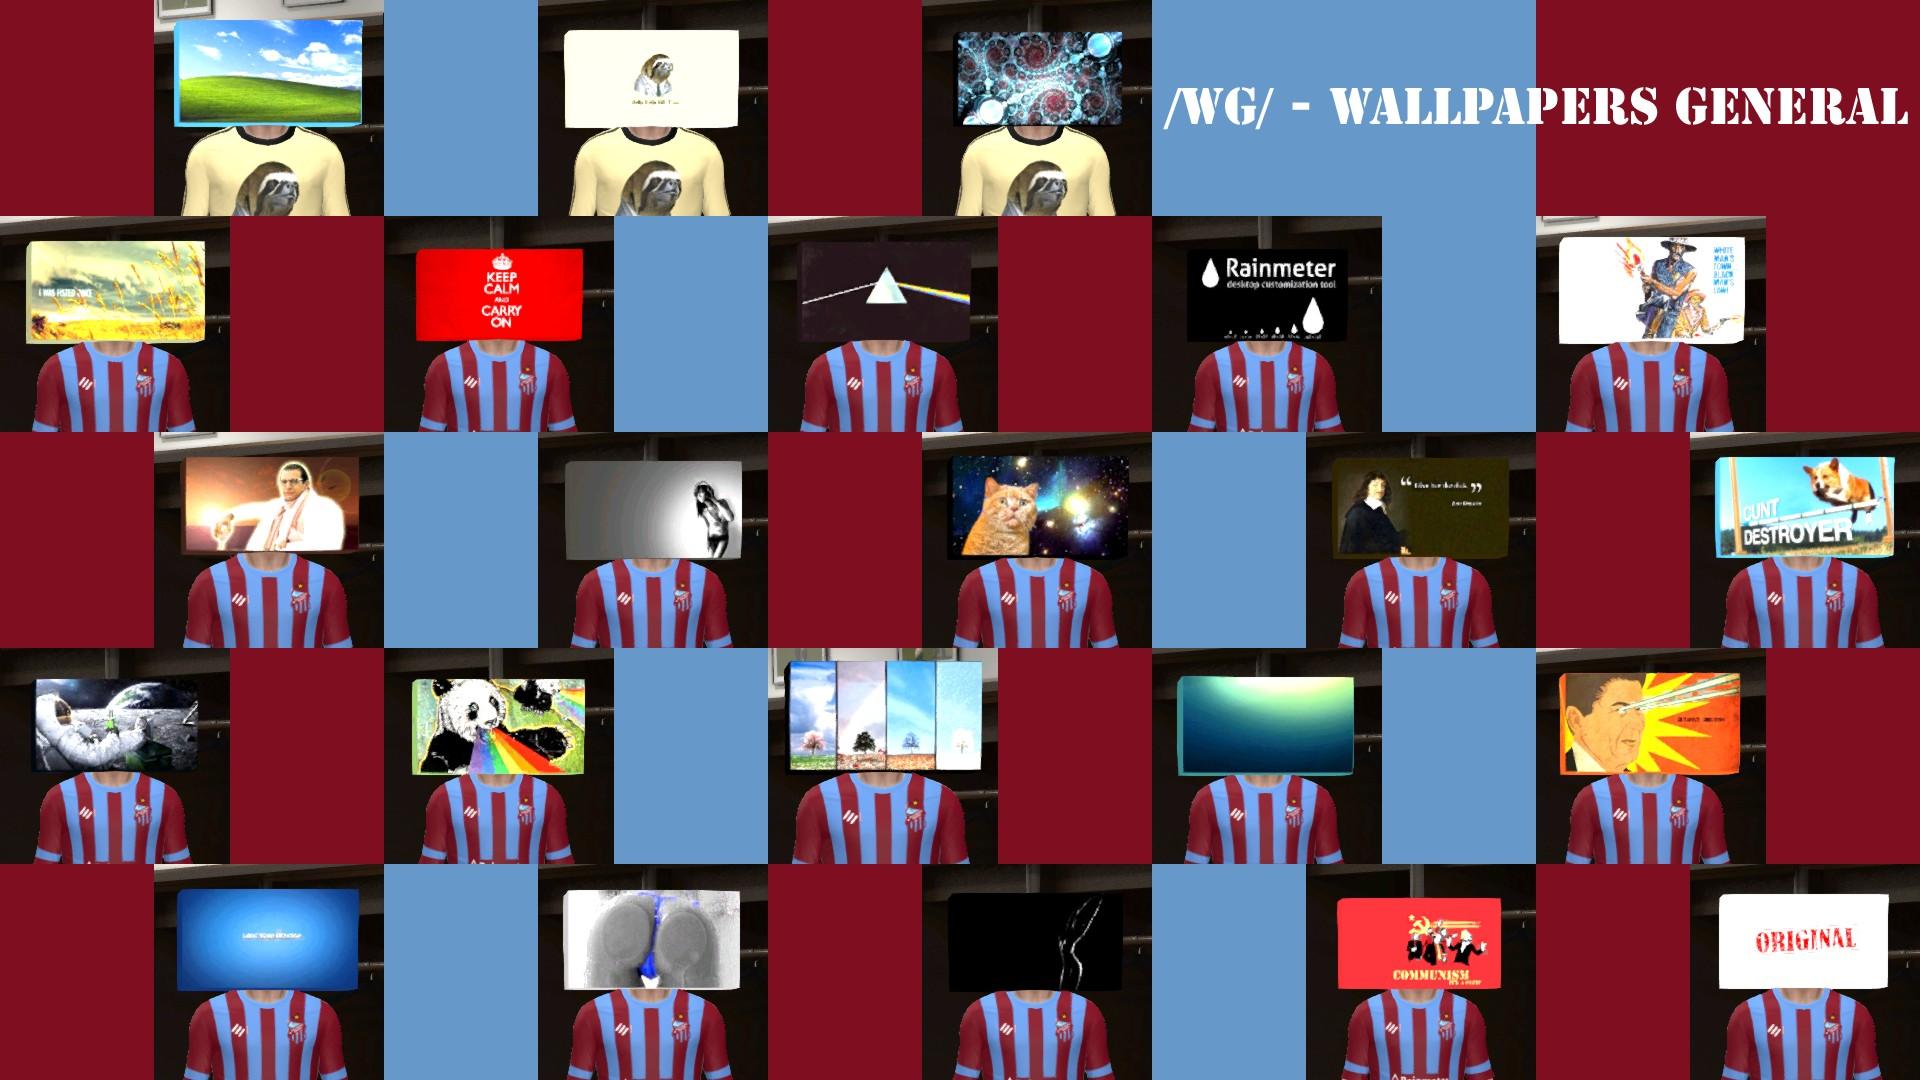 Wallpaper 1920x1080 Px 4chan Wg 1920x1080 Wallbase 1203133 Hd Wallpapers Wallhere